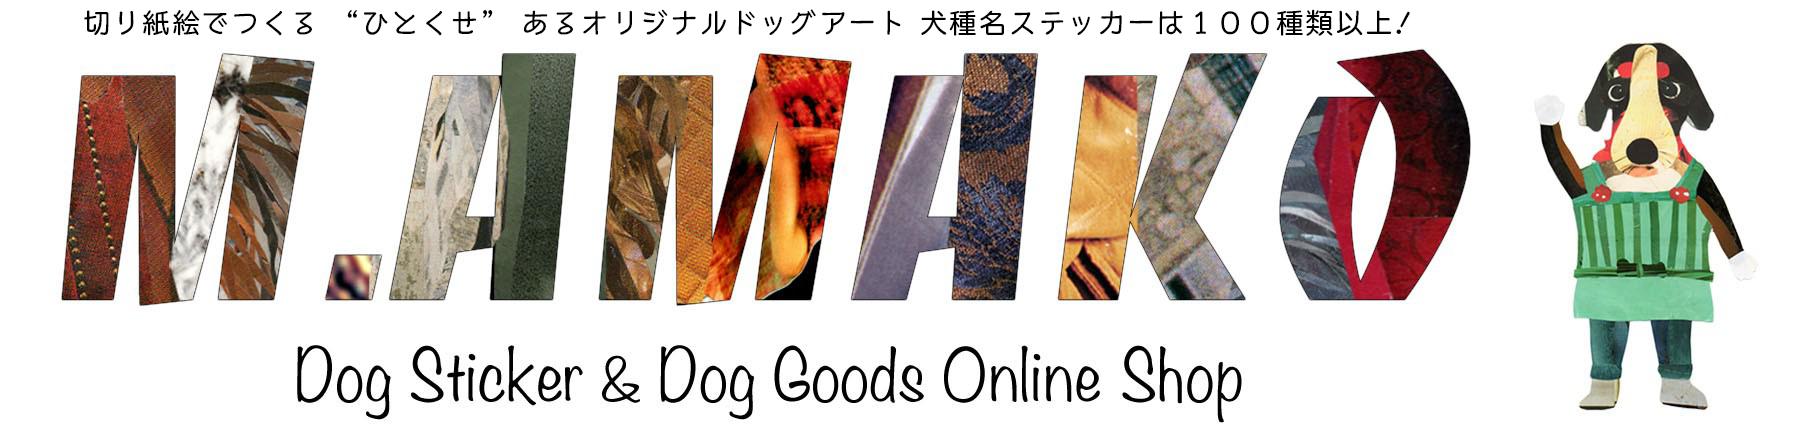 ひとくせあるドッグアートM.AMAKO|甘すぎない犬グッズ通販ショップ